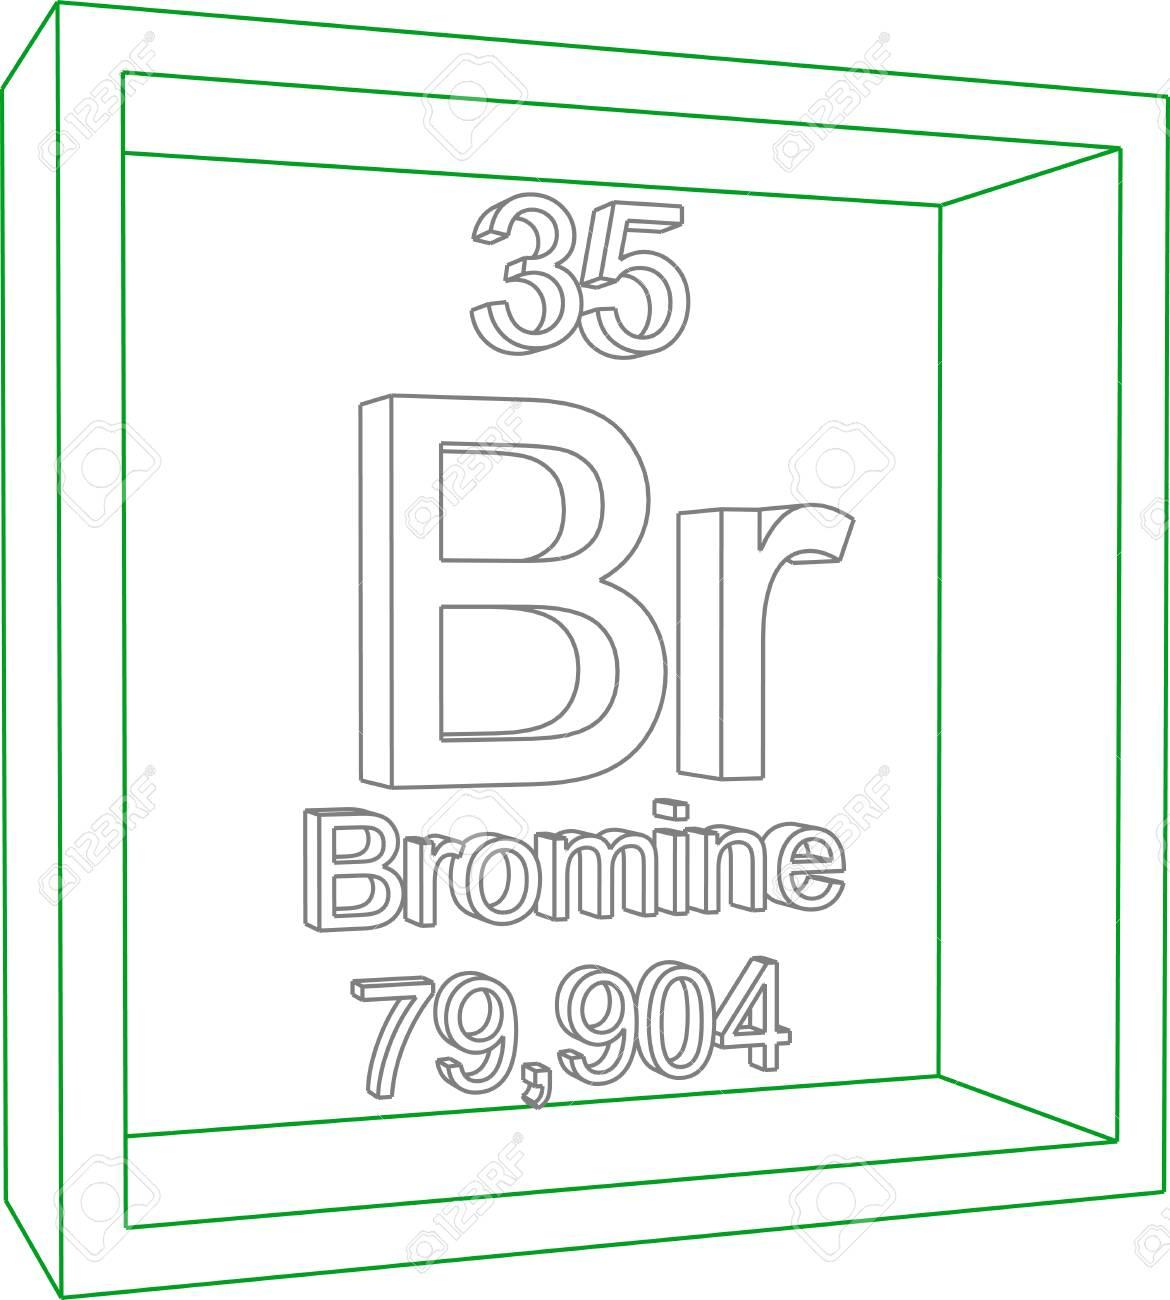 Tabla peridica de los elementos bromo ilustraciones vectoriales foto de archivo tabla peridica de los elementos bromo urtaz Images